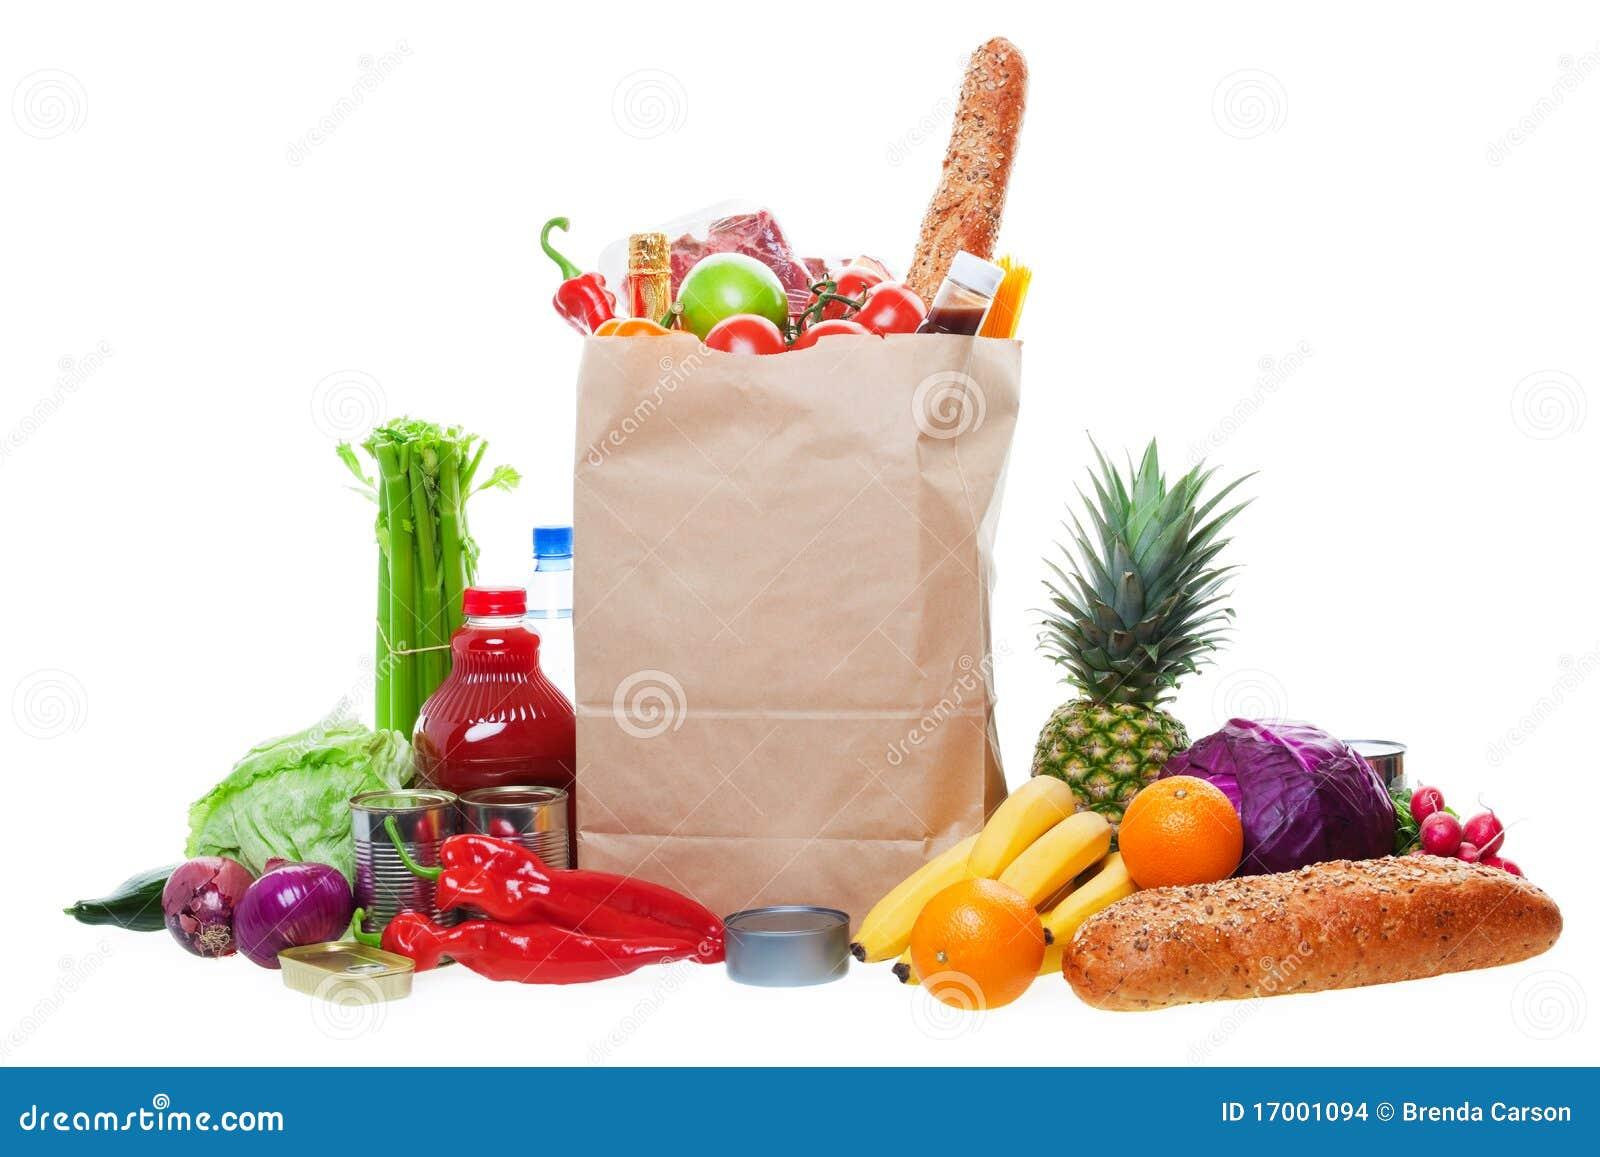 副食品批次